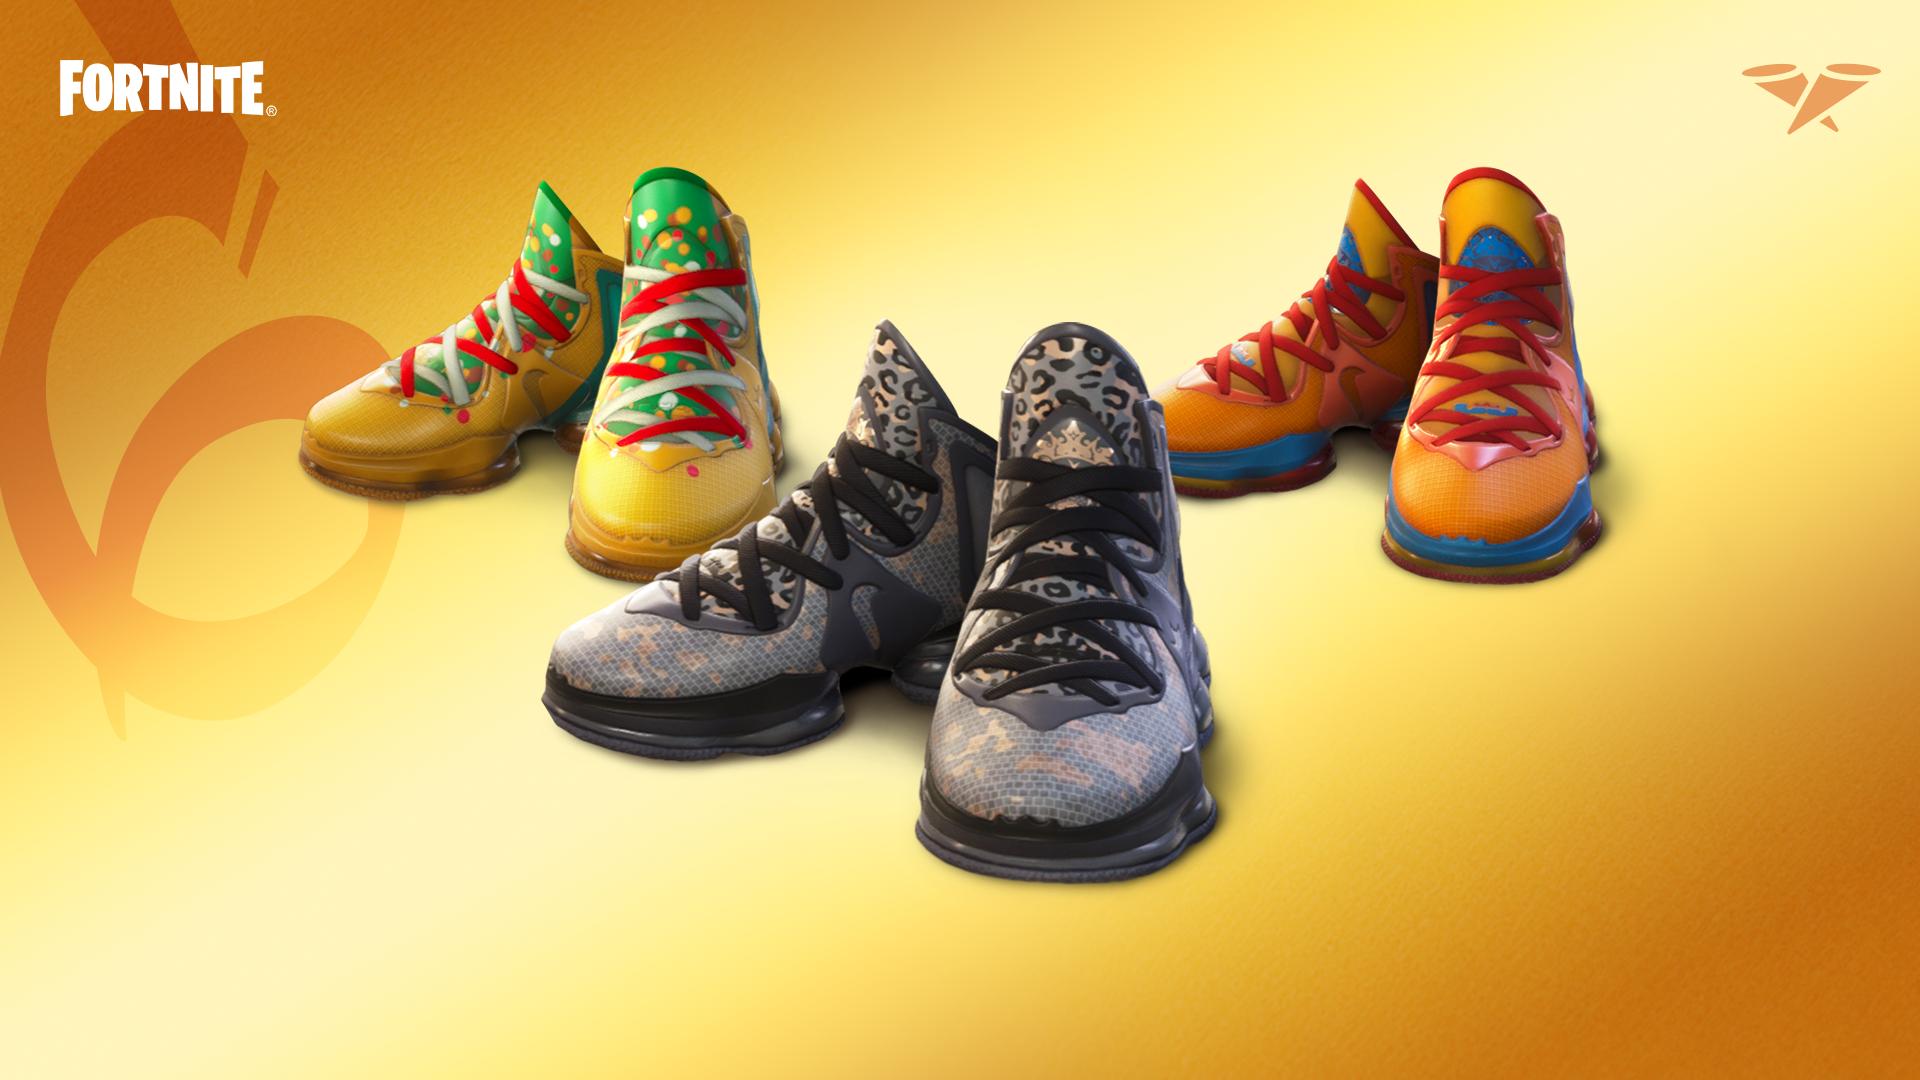 The Nike LeBron 19 sneakers in Fortnite